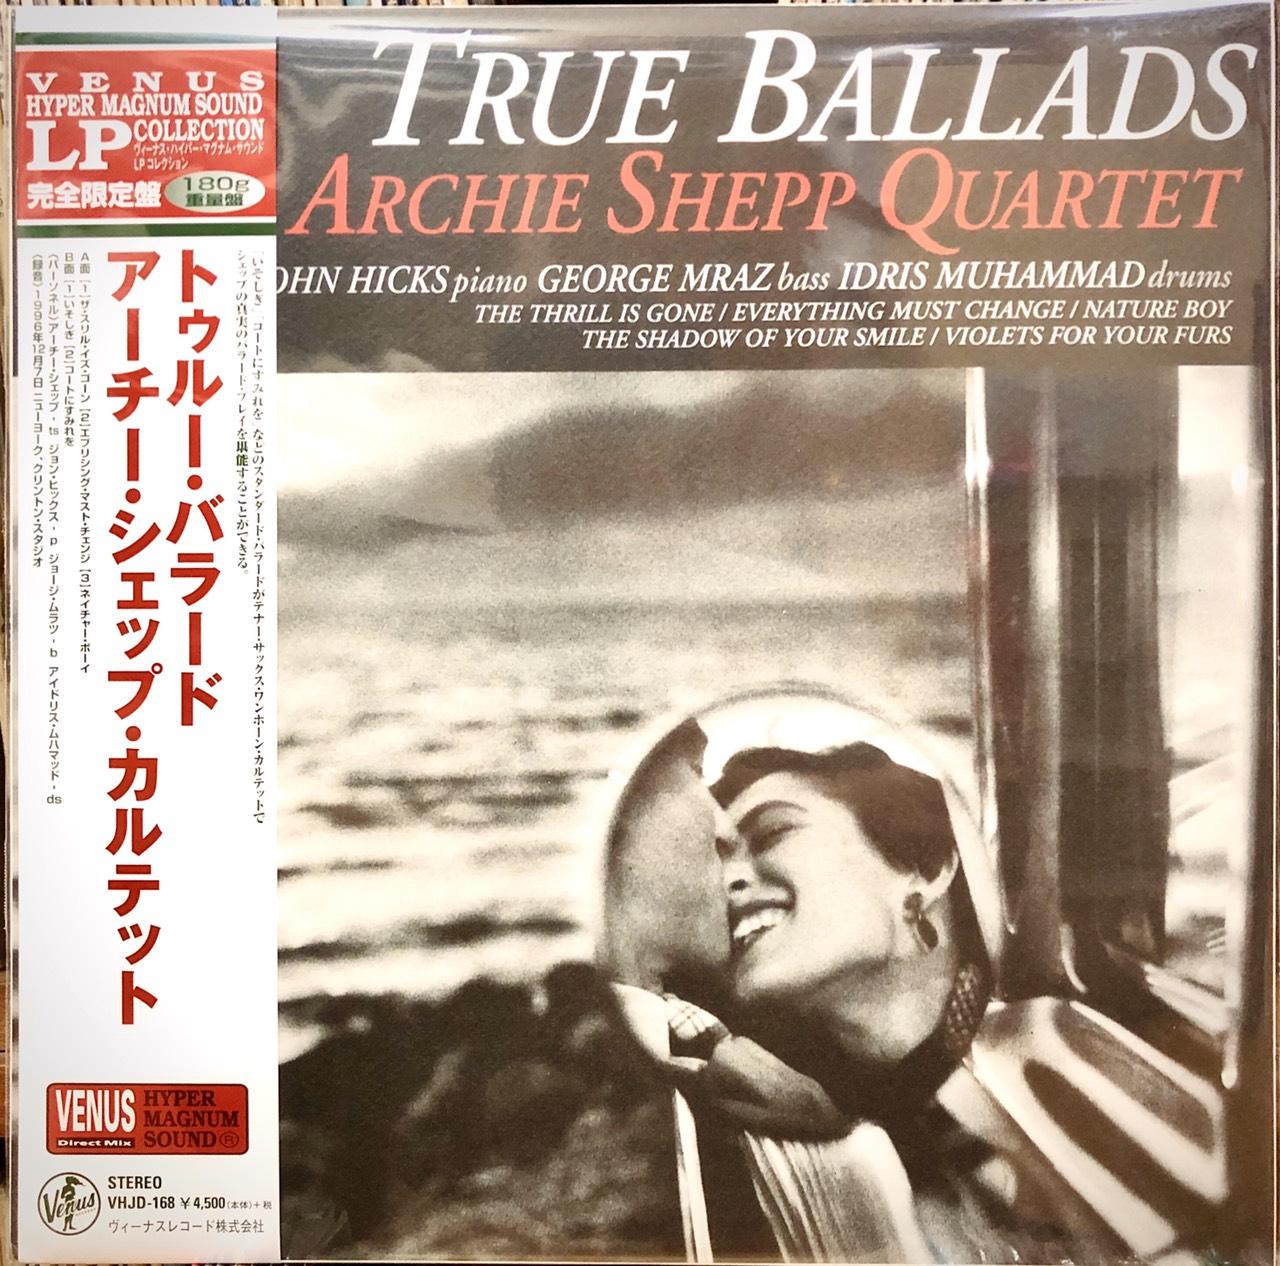 lp-true-ballads-archie-shepp-quartet